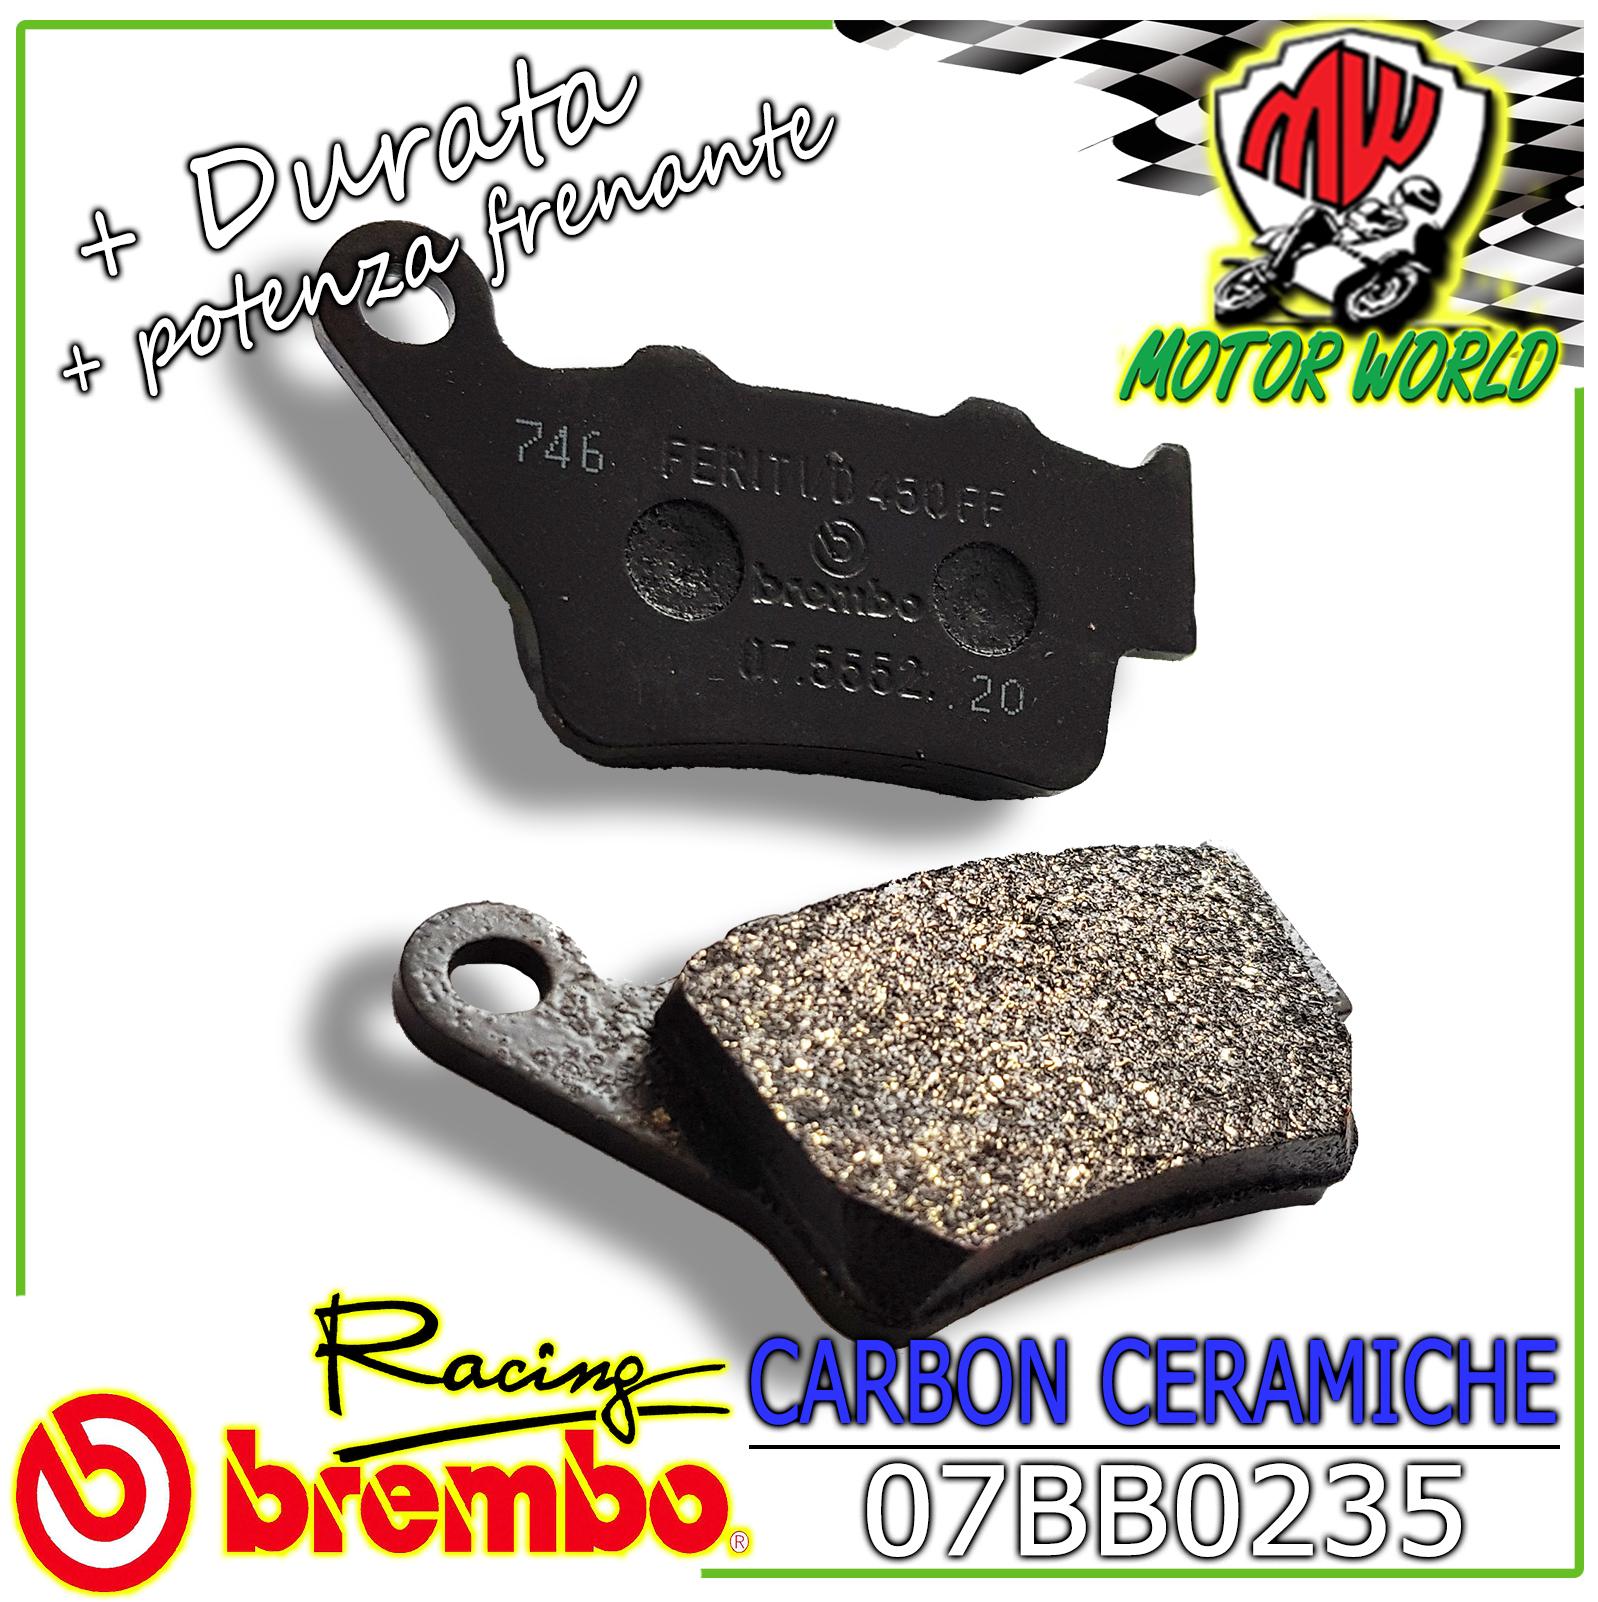 Pastiglie Freno Posteriore BREMBO Per KTM DUKE 690  2012 2013 2014 07BB0235